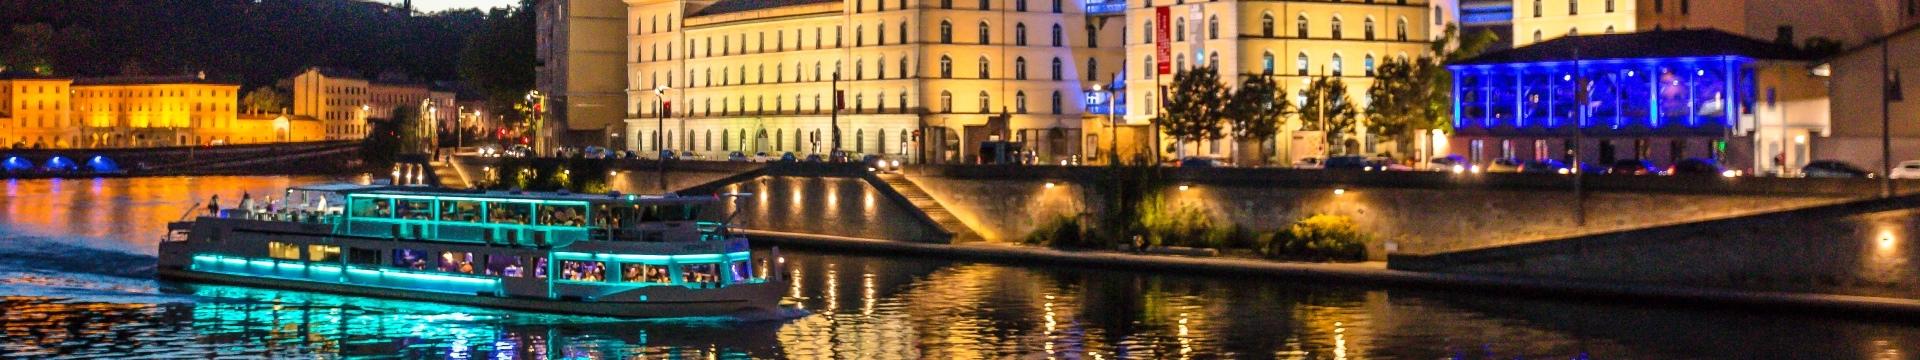 Bateaux Lyonnais, dîner croisière nocturne sur la Saône